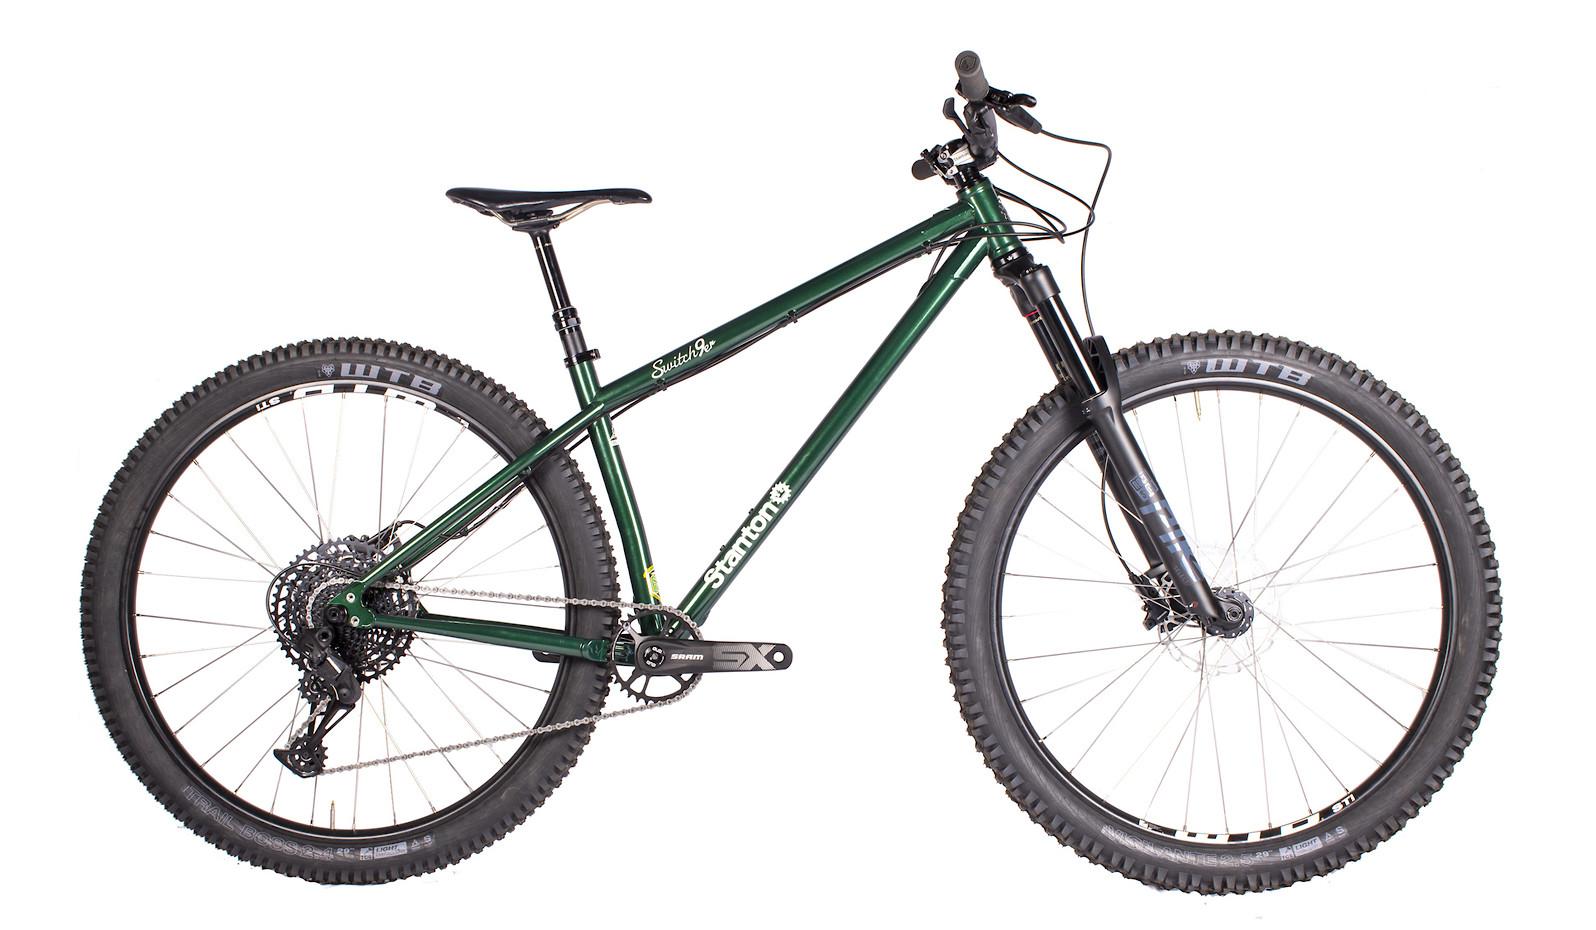 2020 Stanton Switch9er 631 Standard